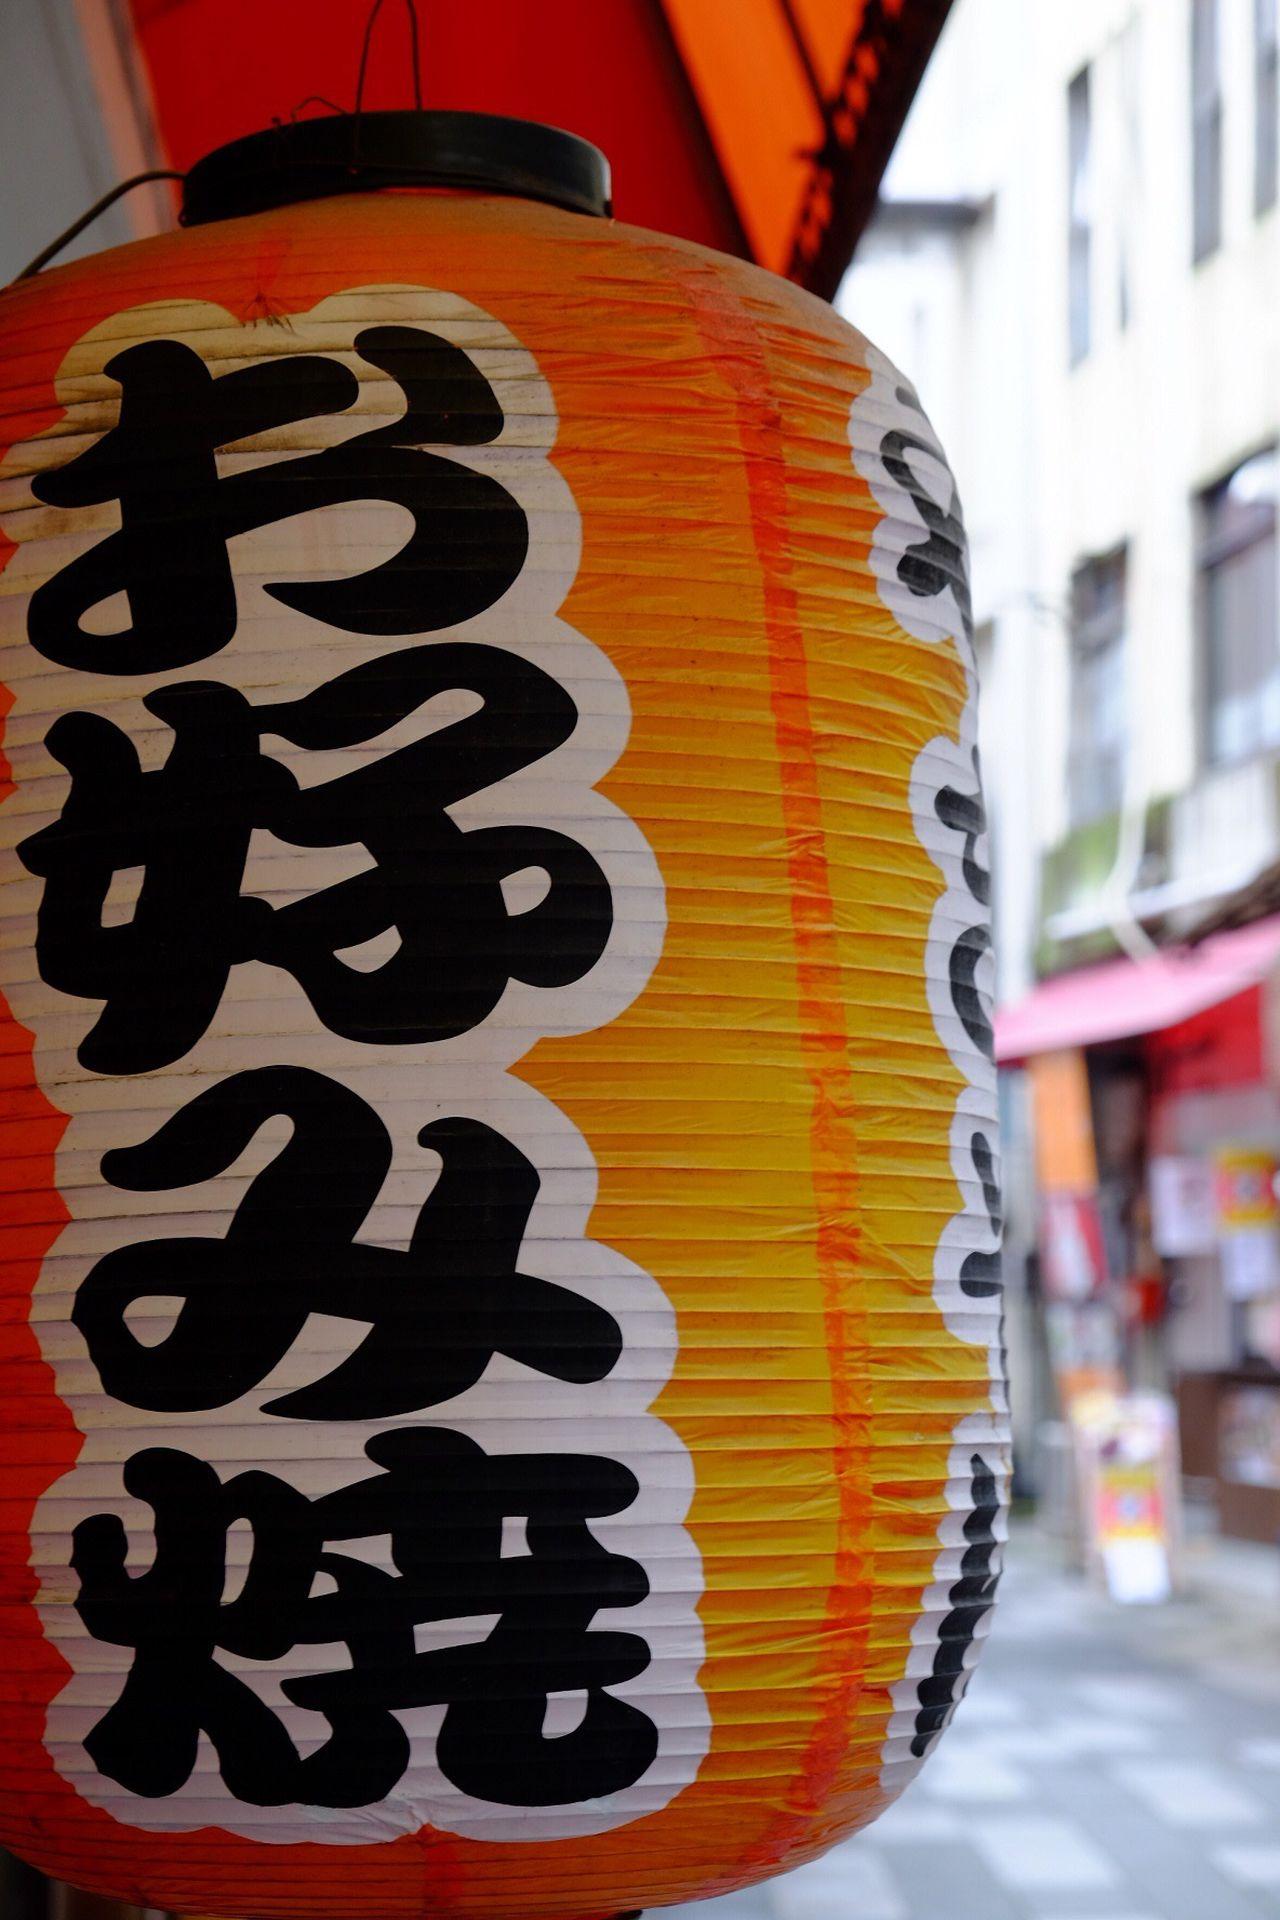 お好み焼 Japanese Food 提灯 No People Outdoors Close-up Japan Fujifilm X-E2 Fujifilm_xseries Street Japan Photography EyeEm EyeEm Gallery Japanese Culture Fukuoka City  Fukuoka,Japan Fukuoka-shi Food Food Shop